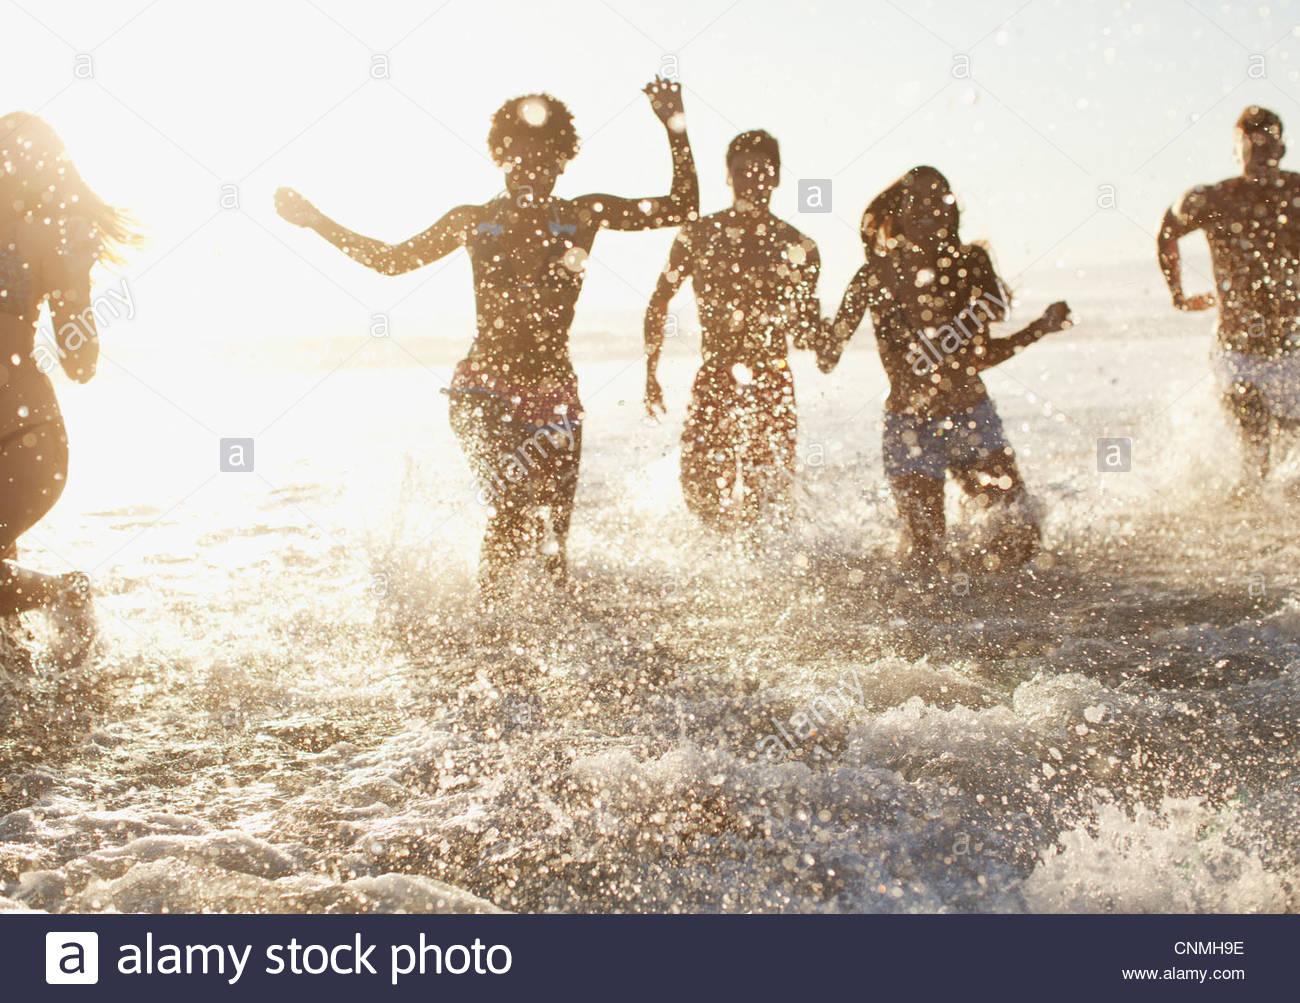 Amis jouant dans les vagues sur la plage Banque D'Images